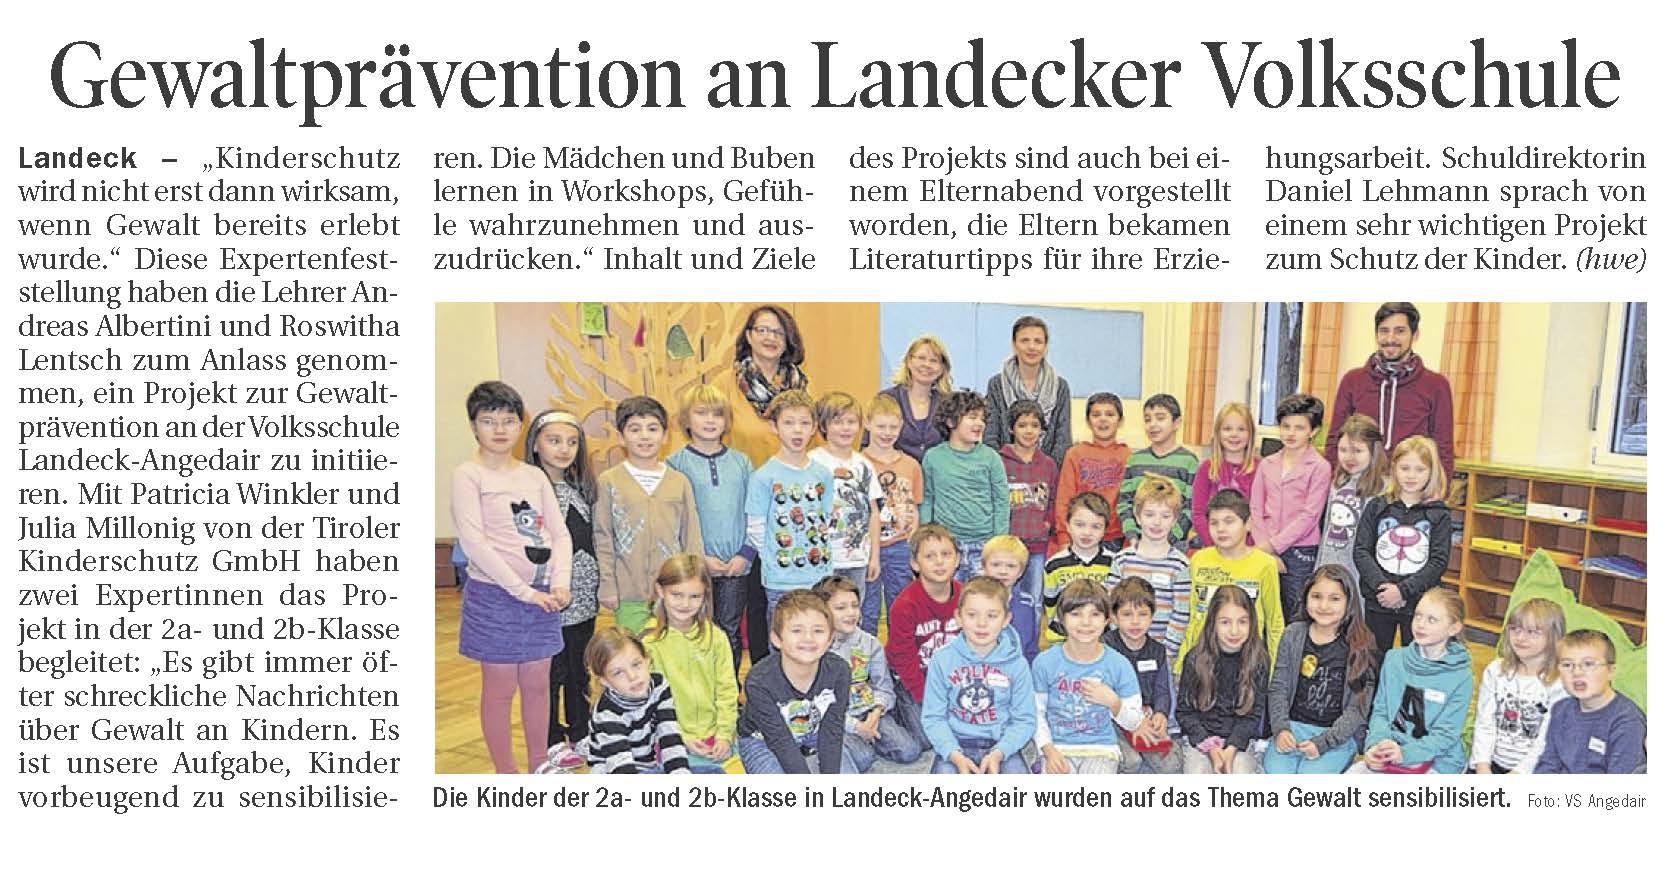 Die Kinder der 2a- und 2b- Klasse in Landeck Angedair